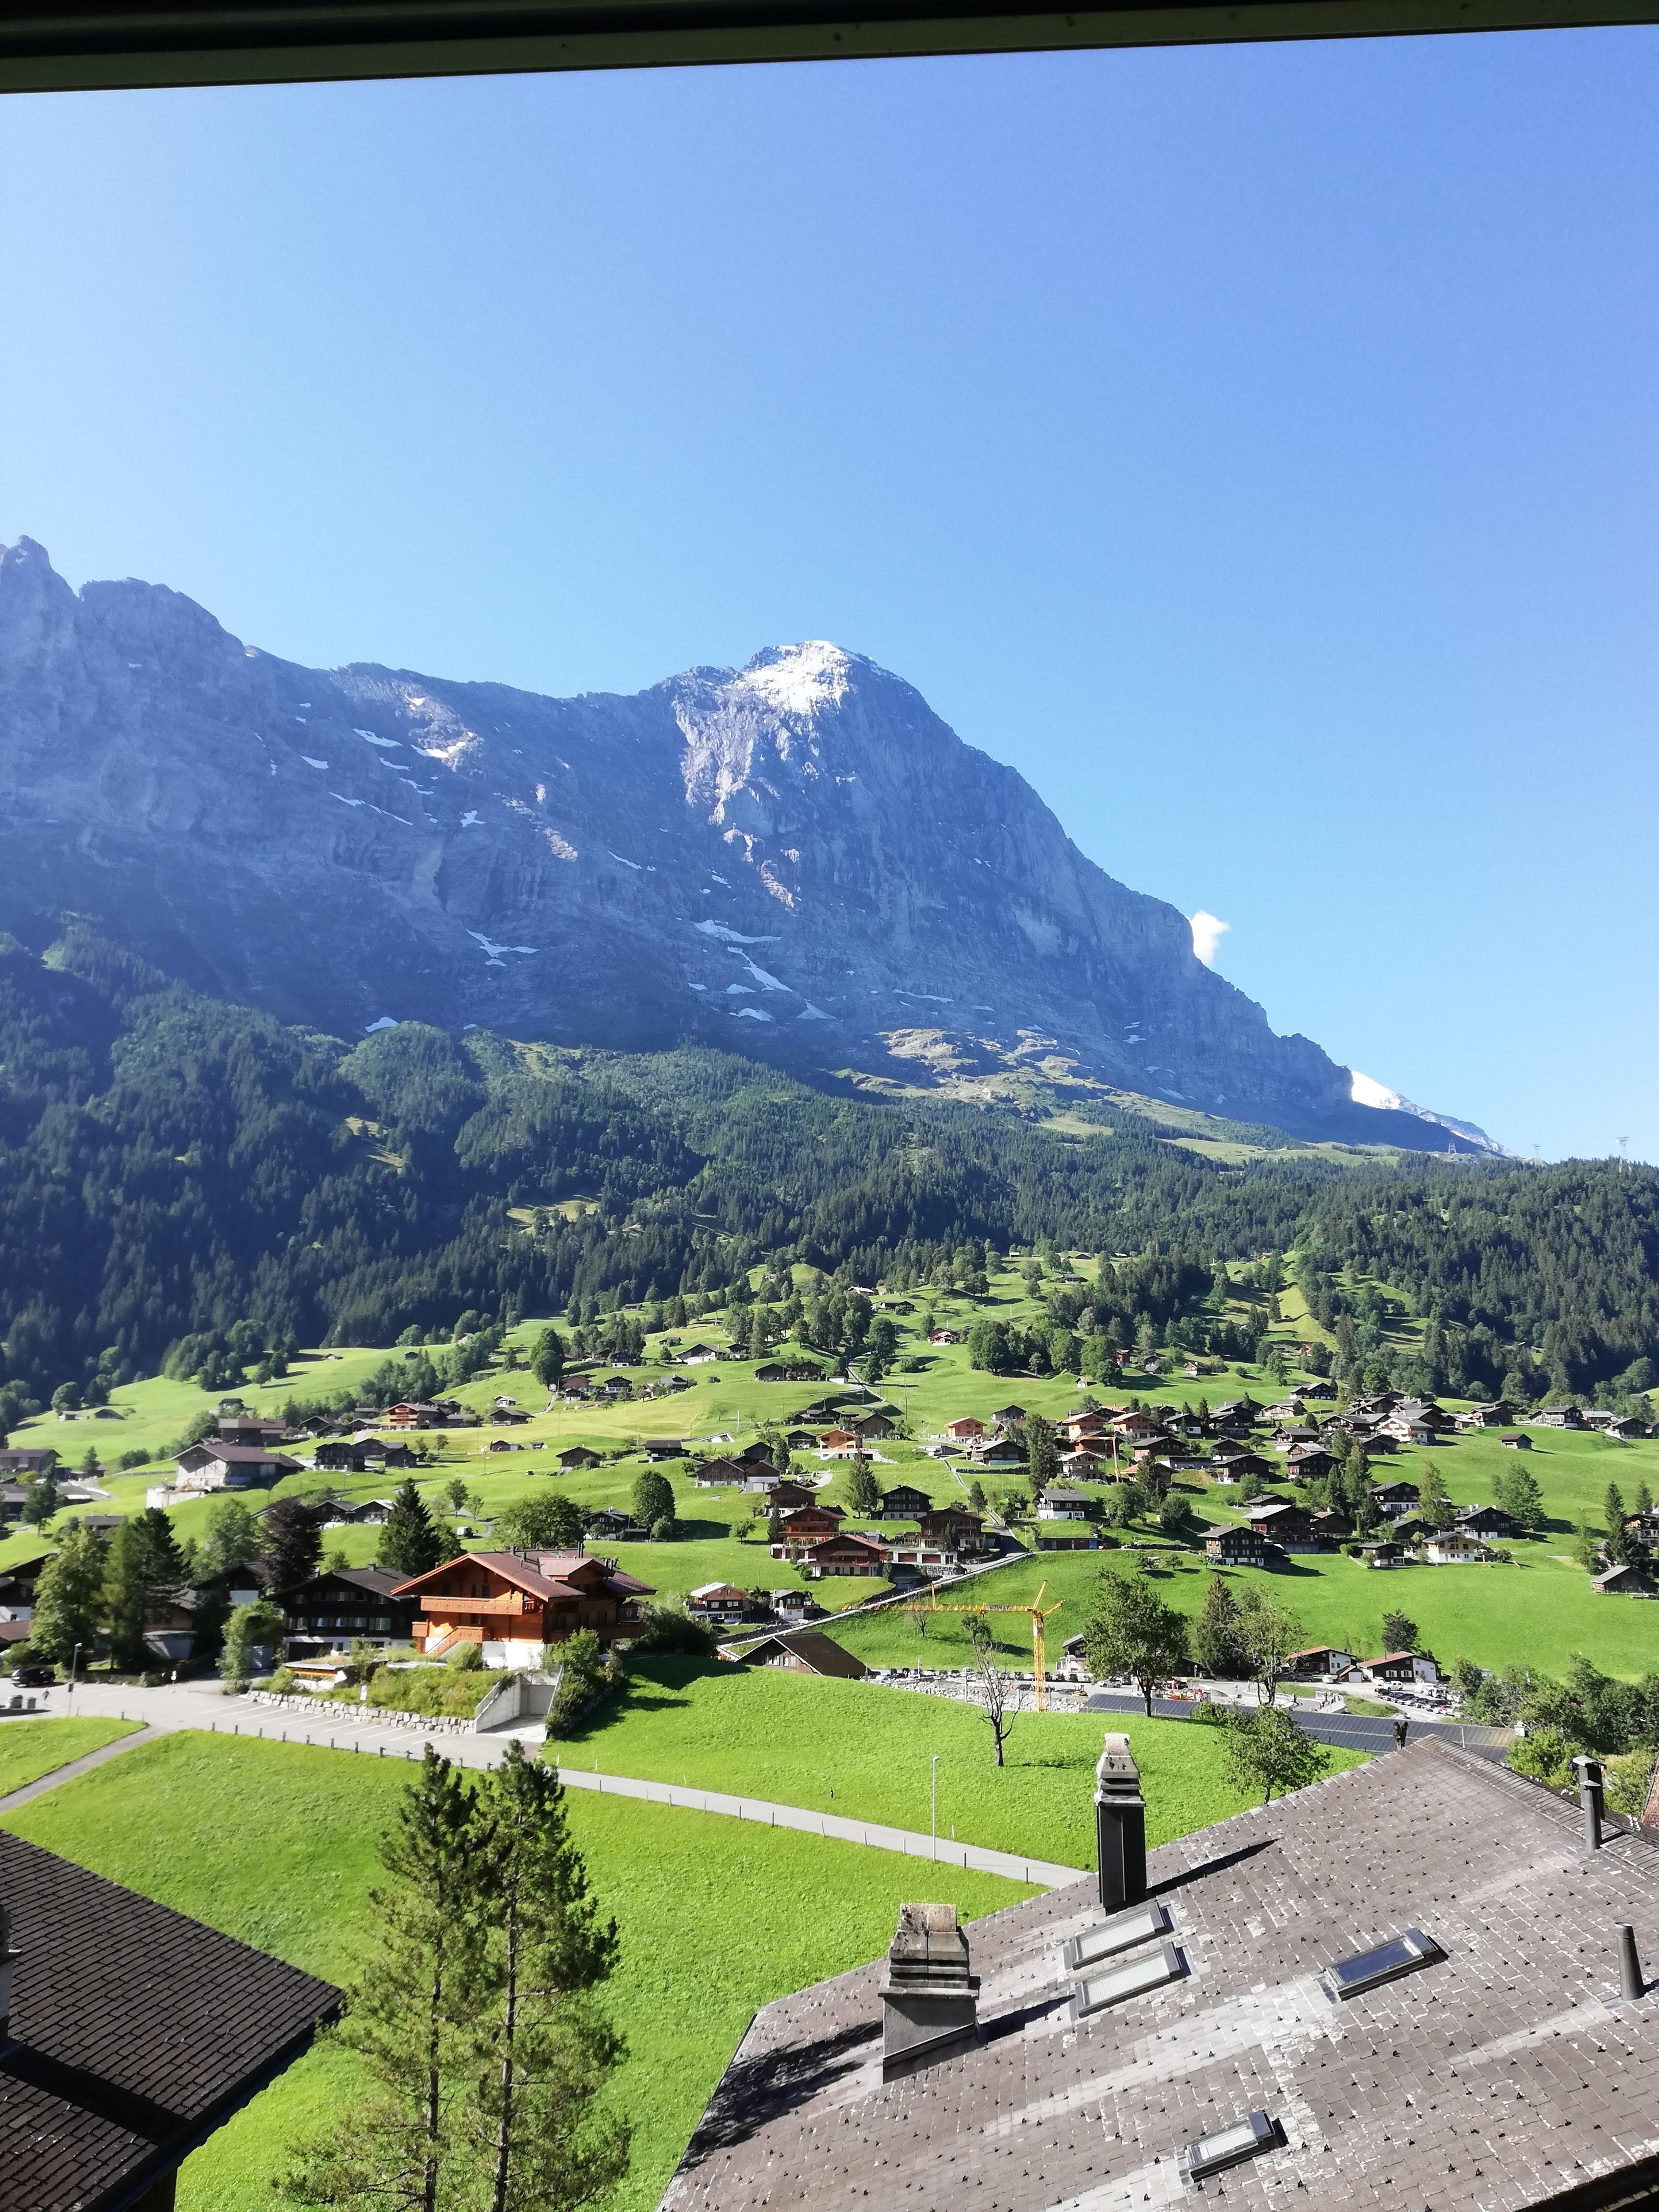 Appartement de vacances Schulerszaun 1 2 Bett Wohnung (2691731), Grindelwald, Région de la Jungfrau, Oberland bernois, Suisse, image 5